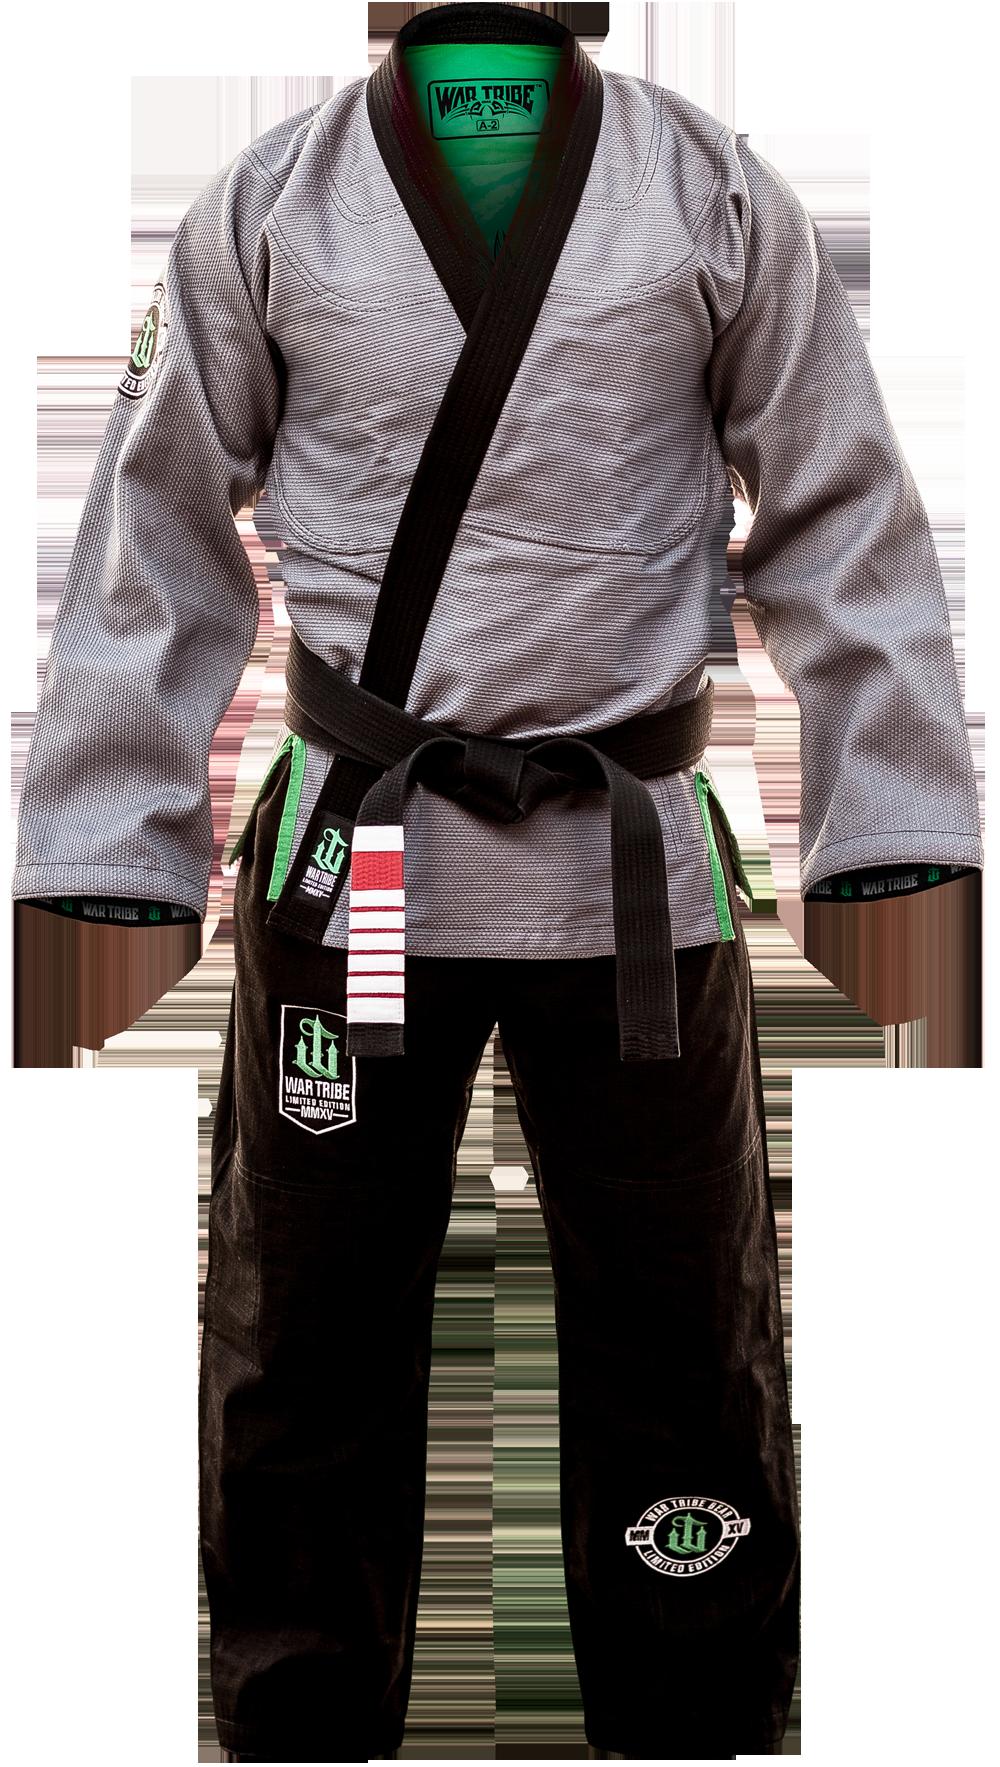 Lionheart Gi War Tribe Womens Brazilian Jiu Jitsu Gi